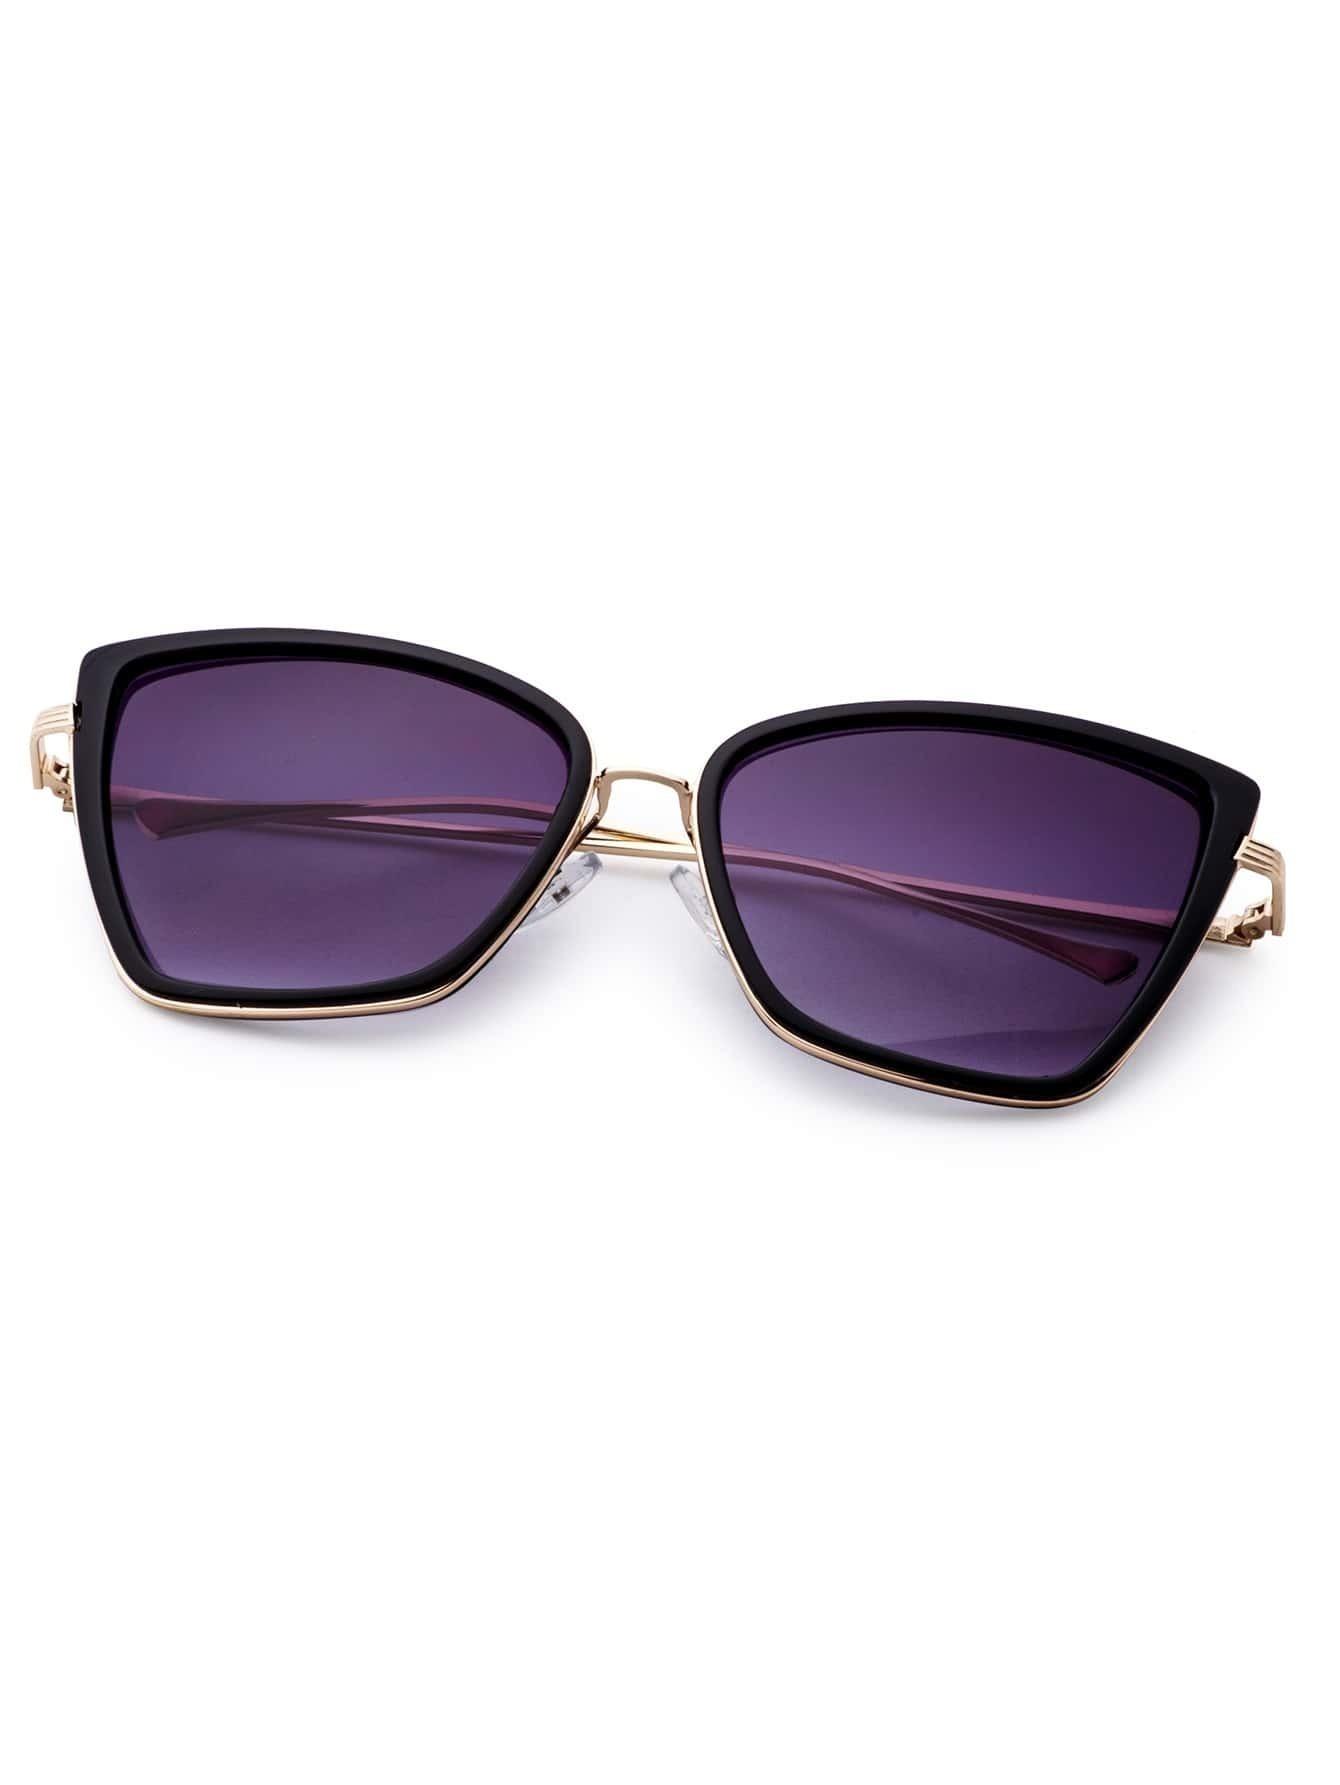 Golden Frame Black Sunglasses : Black And Gold Frame Cat Eye Sunglasses